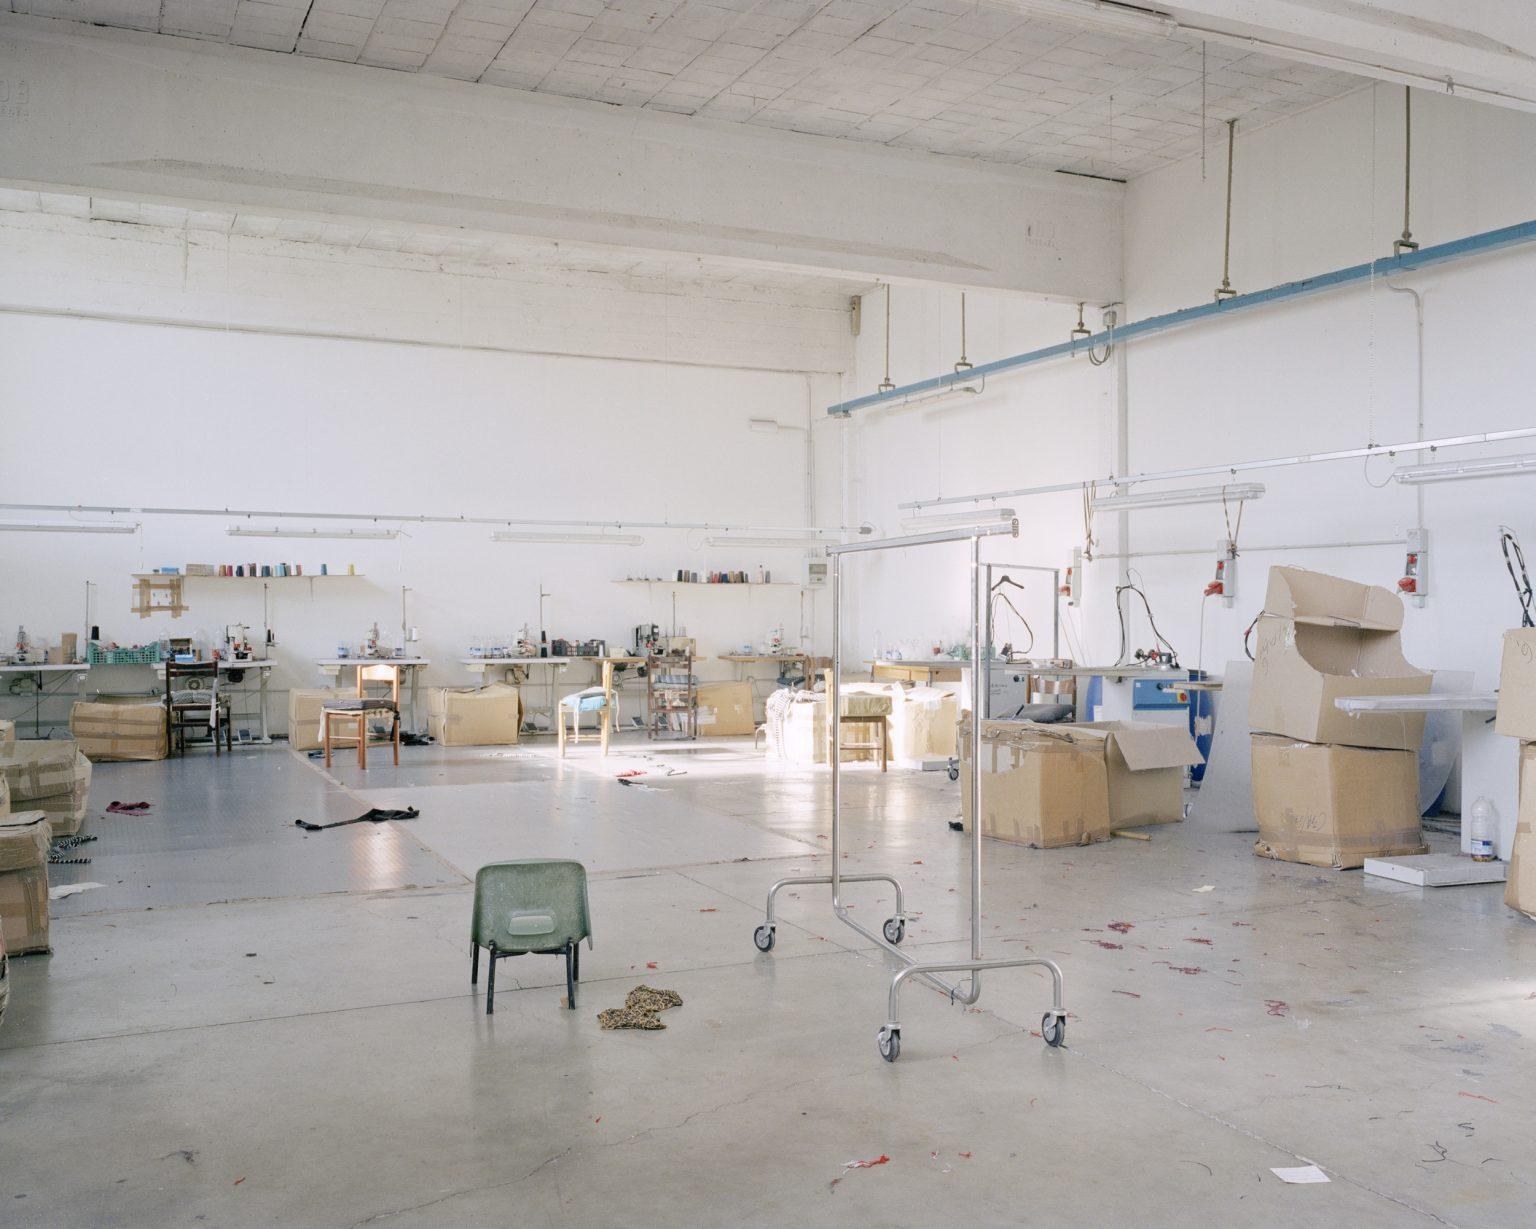 Textyle district, Prato, 2016. Chinese textile workshop seized by the Municipal Police. >< Distretto tessile del Macrolotto, Prato, 2016. Laboratorio tessile cinese posto sotto sequestro dalla Polizia Municipale di Prato.